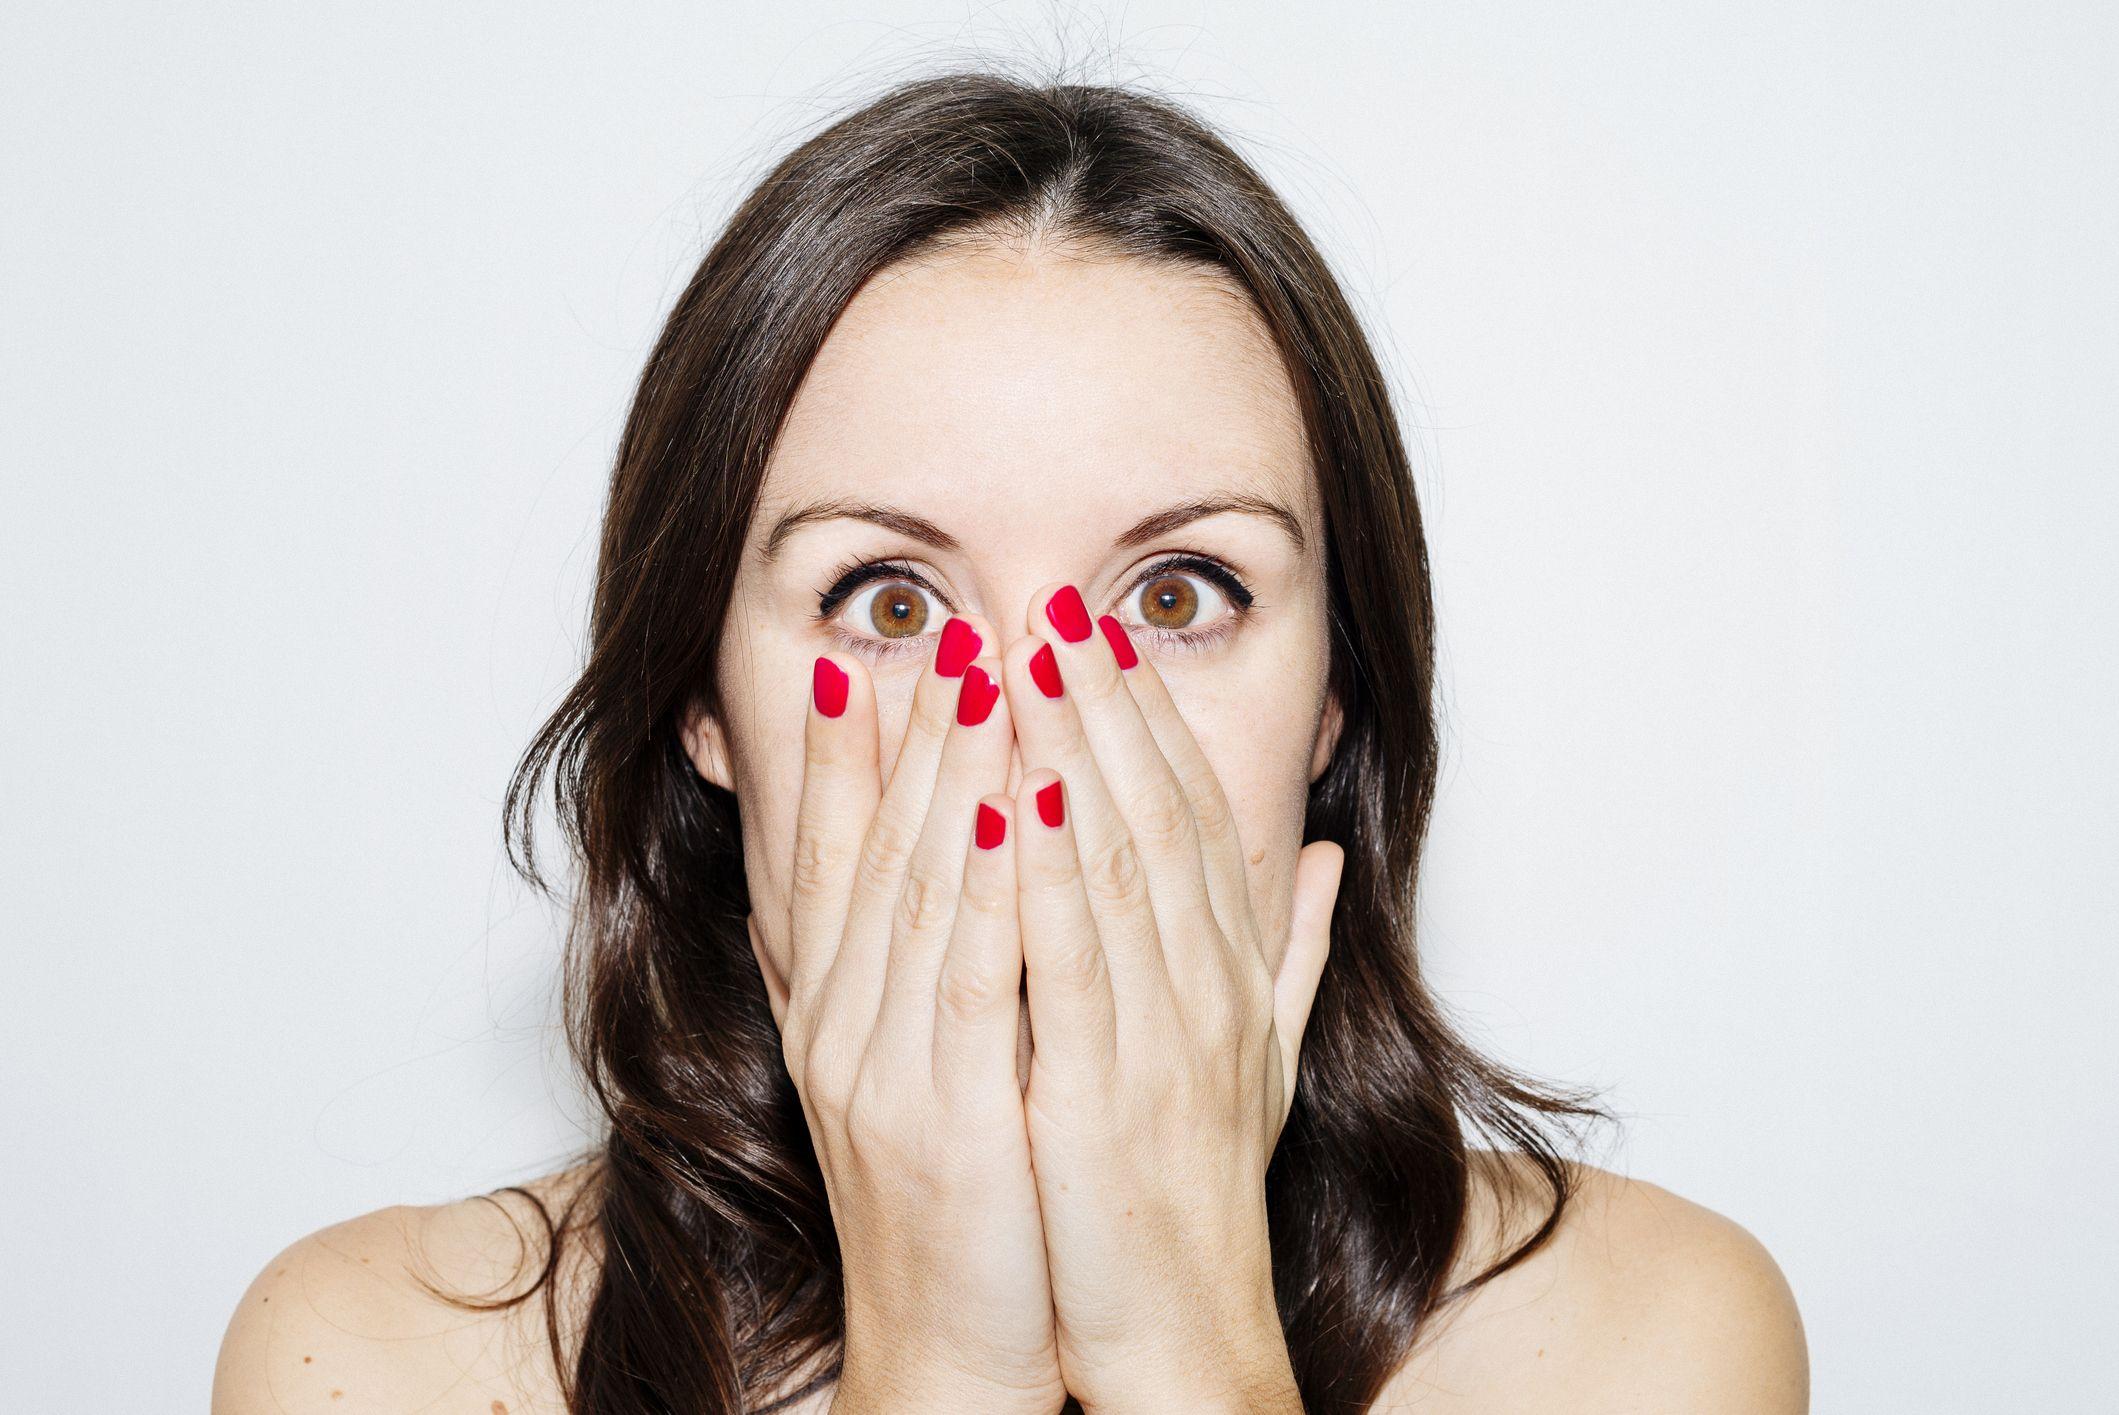 ¿Sabías que el 40% de las mujeres ha tenido alguna vez un orgasmo precoz?